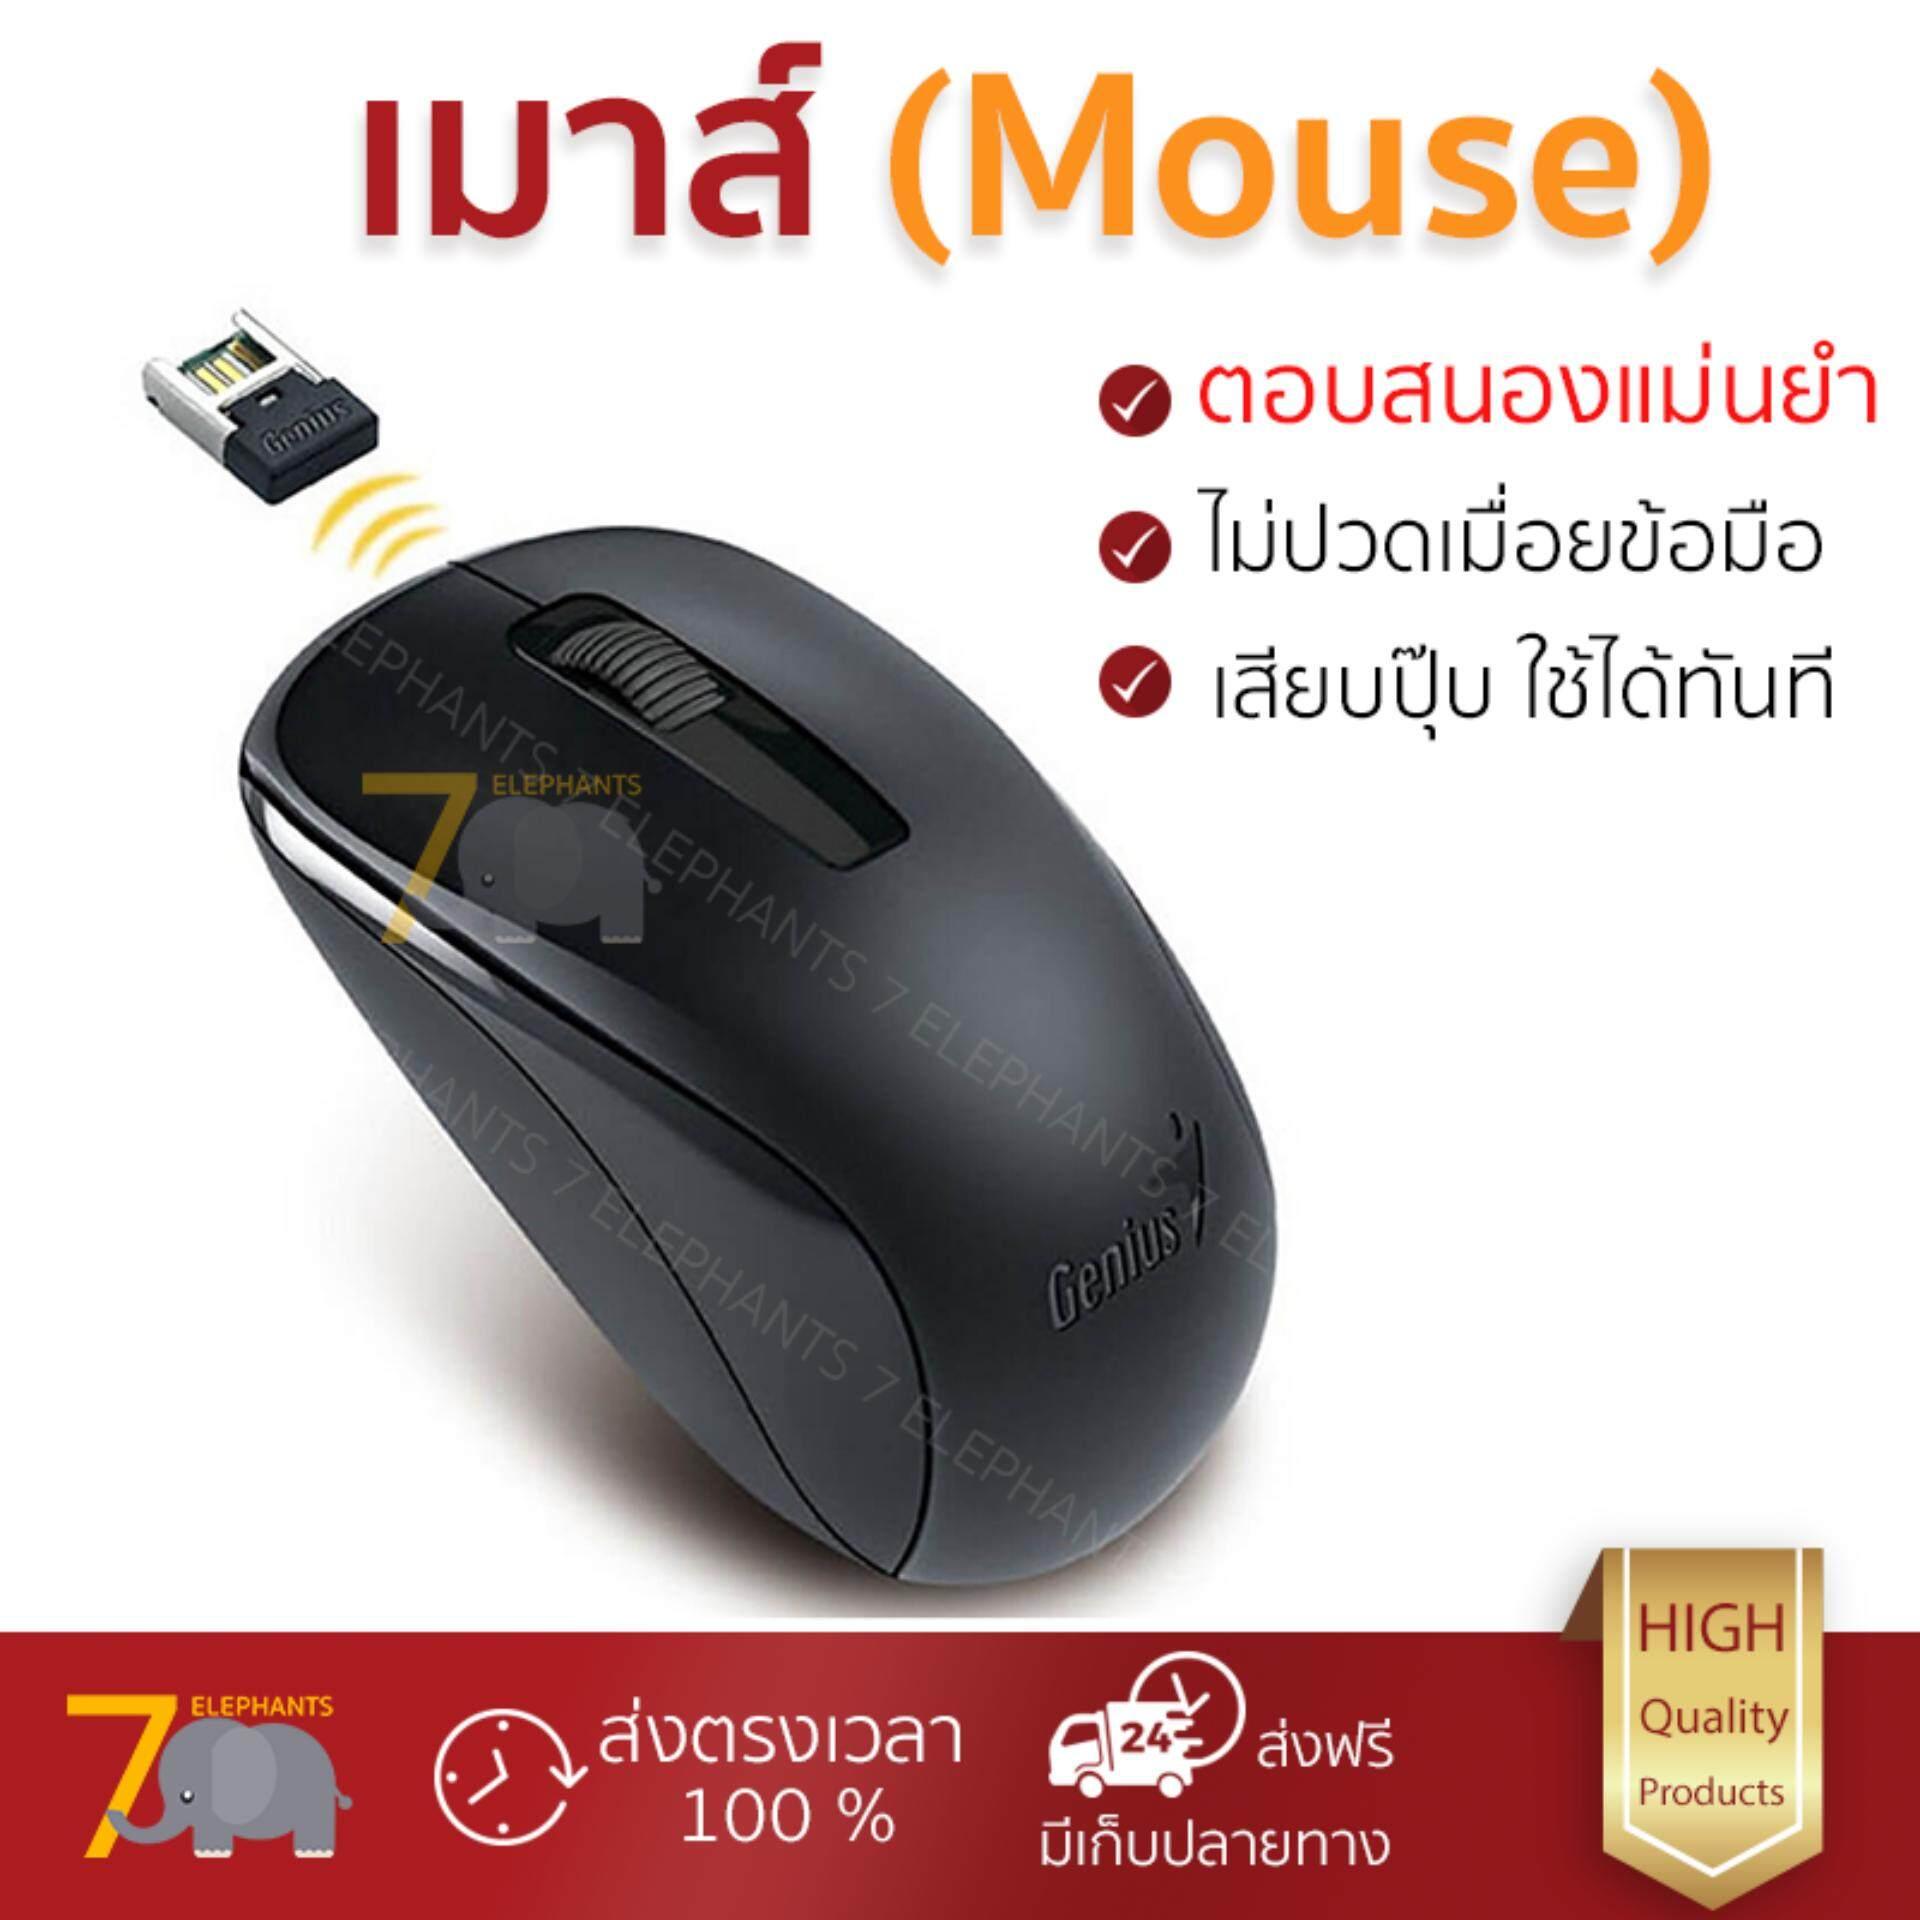 สุดยอดสินค้า!! รุ่นใหม่ล่าสุด เมาส์           GENIUS เมาส์ไร้สาย (สีดำ) รุ่น NX-7005             เซนเซอร์คุณภาพสูง ทำงานได้ลื่นไหล ไม่มีสะดุด Computer Mouse  รับประกันสินค้า 1 ปี จัดส่งฟรี Kerry ทั่วป